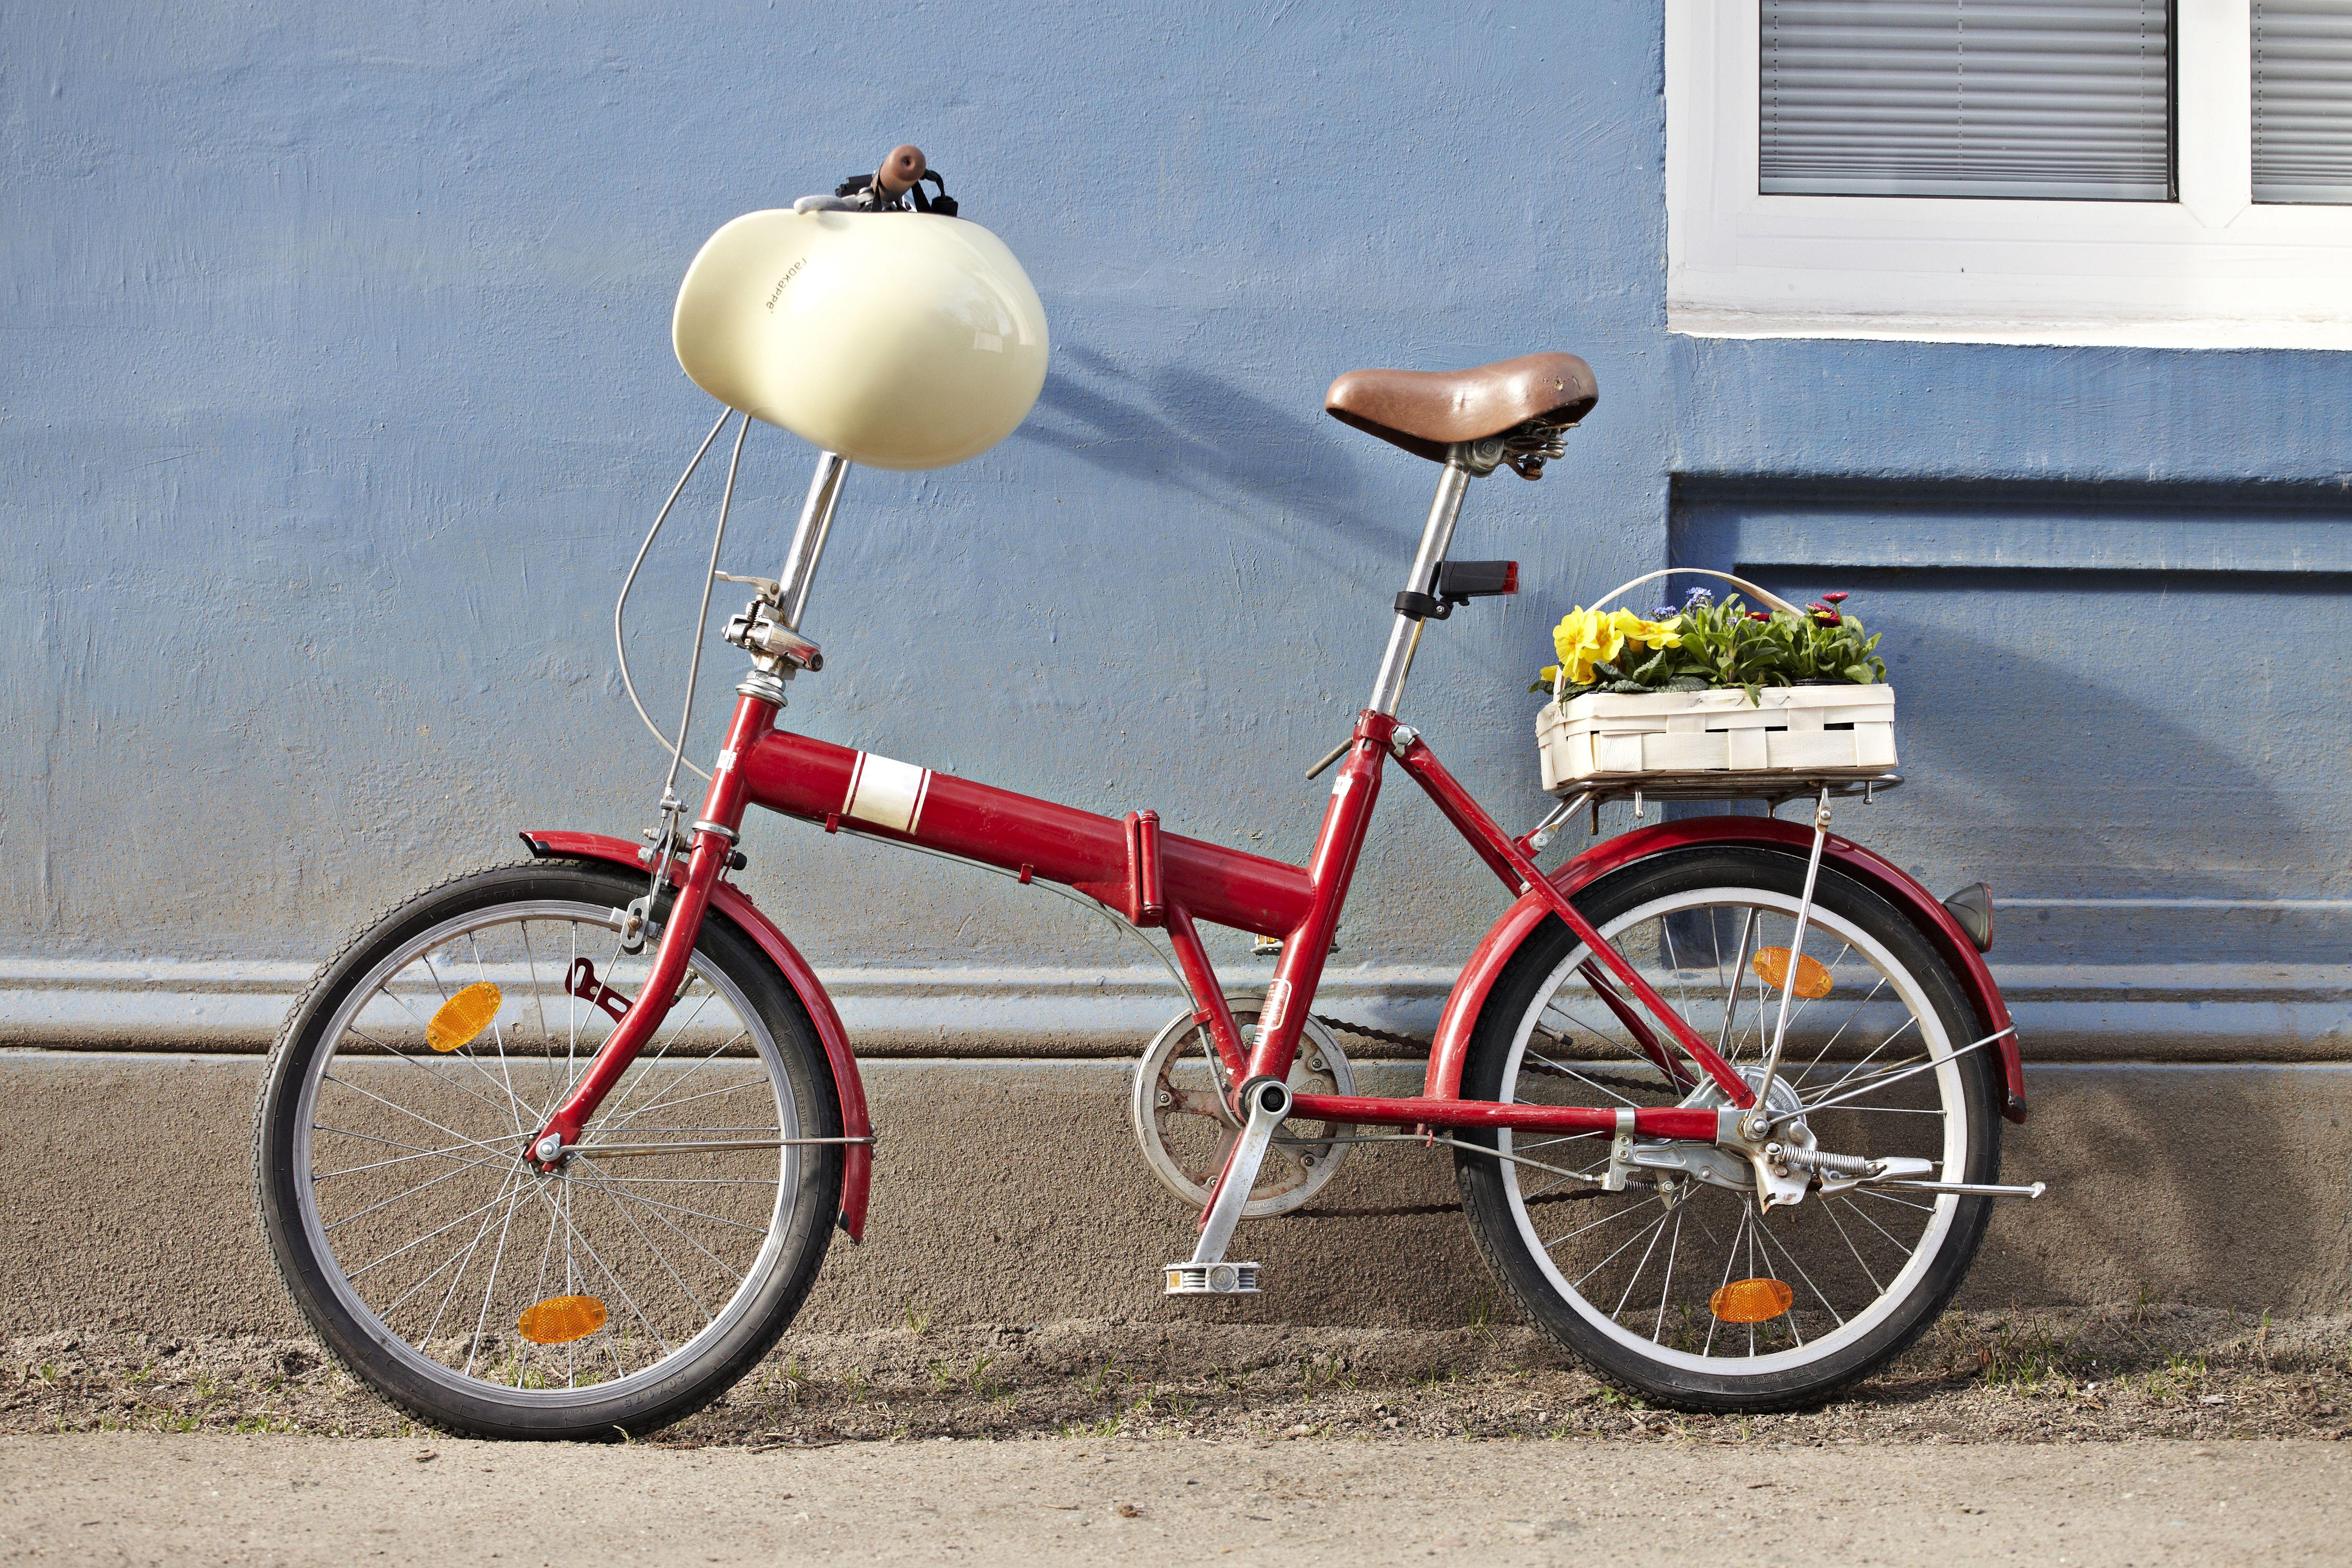 Mathilde mag das rote Rad mit der vanillegelben Radkappe